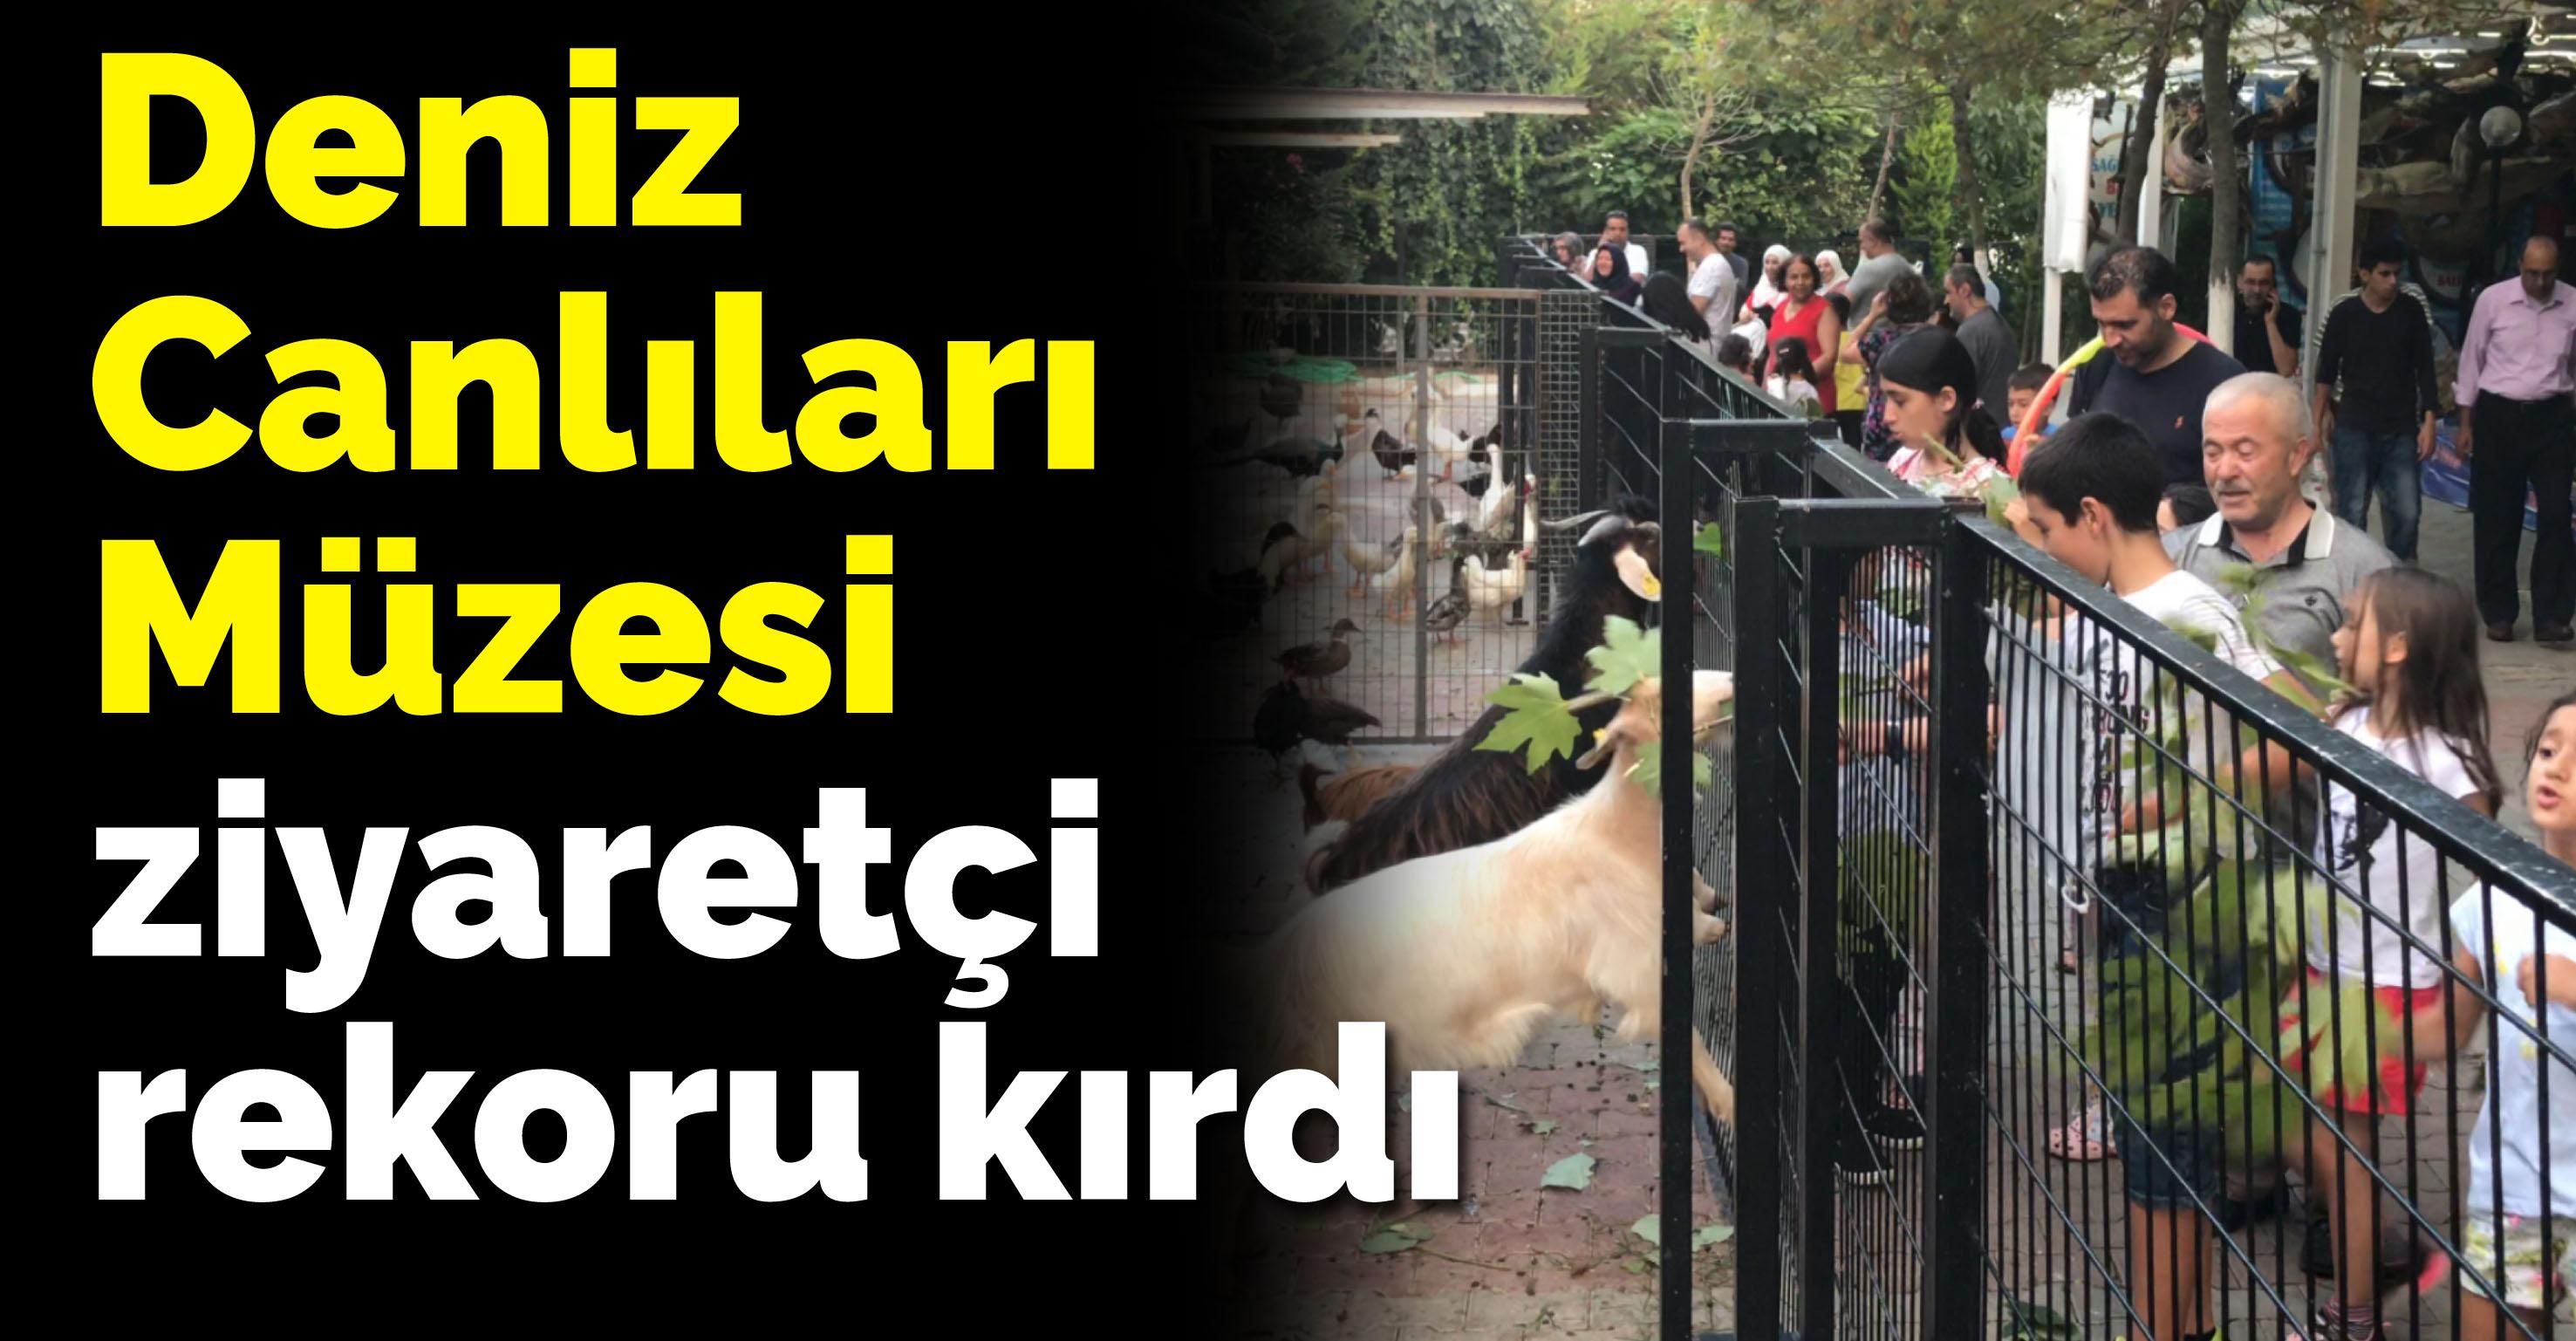 Türkiye Deniz Canlıları Müzesi ziyaretçi rekoru kırdı